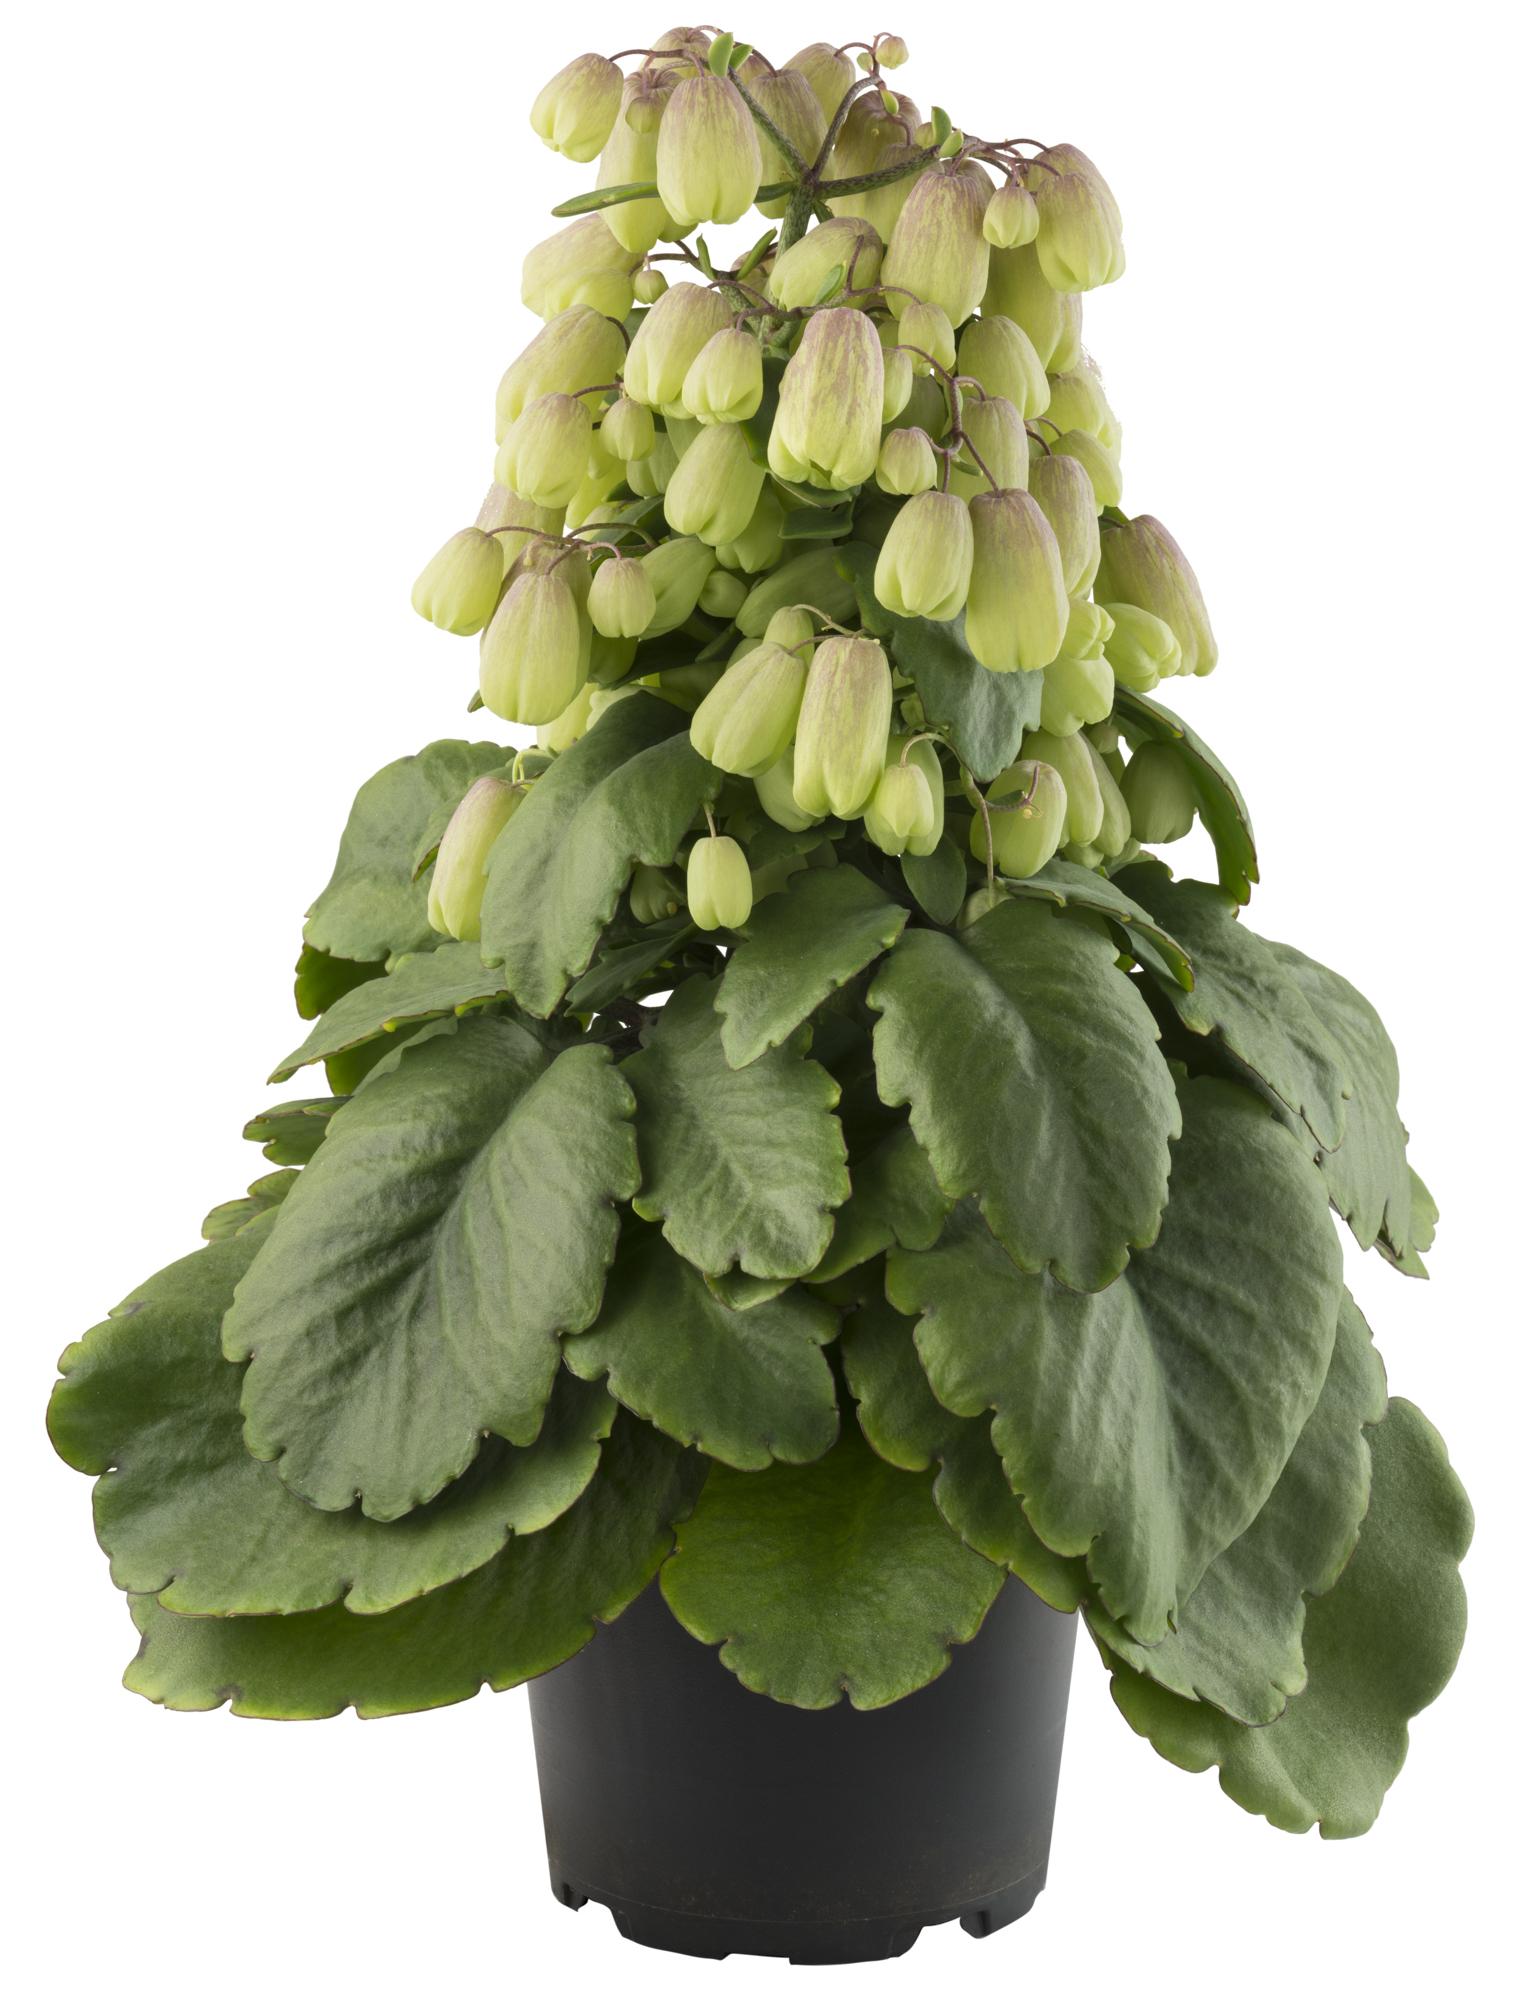 Kalanchoe Pinnata planta